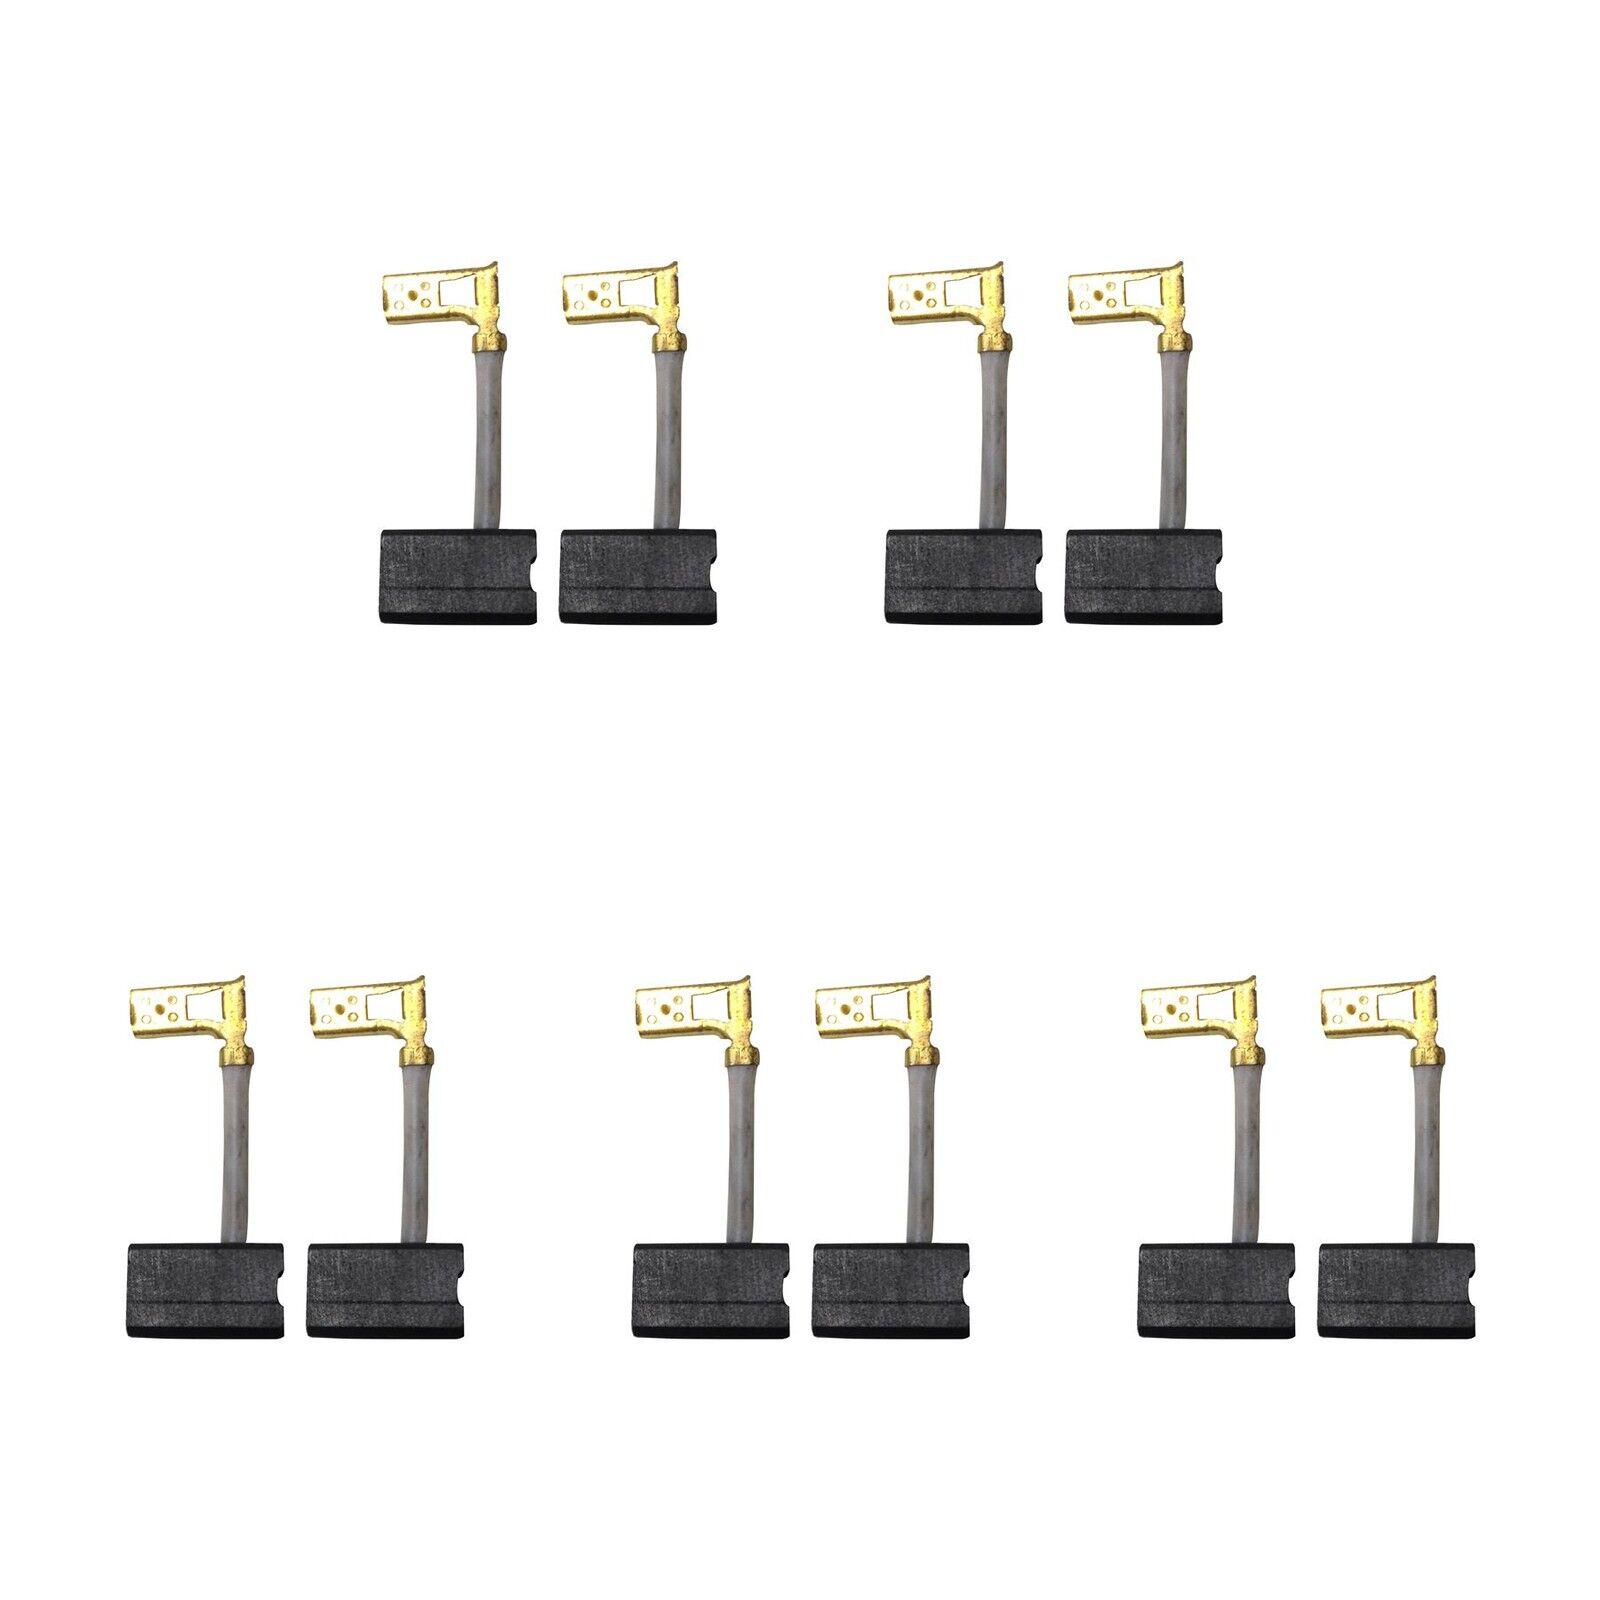 5 Sets of - 2x Carbon Brushes - Dewalt Hammer (Größe - 7.1 X 10.5 X 17.5)